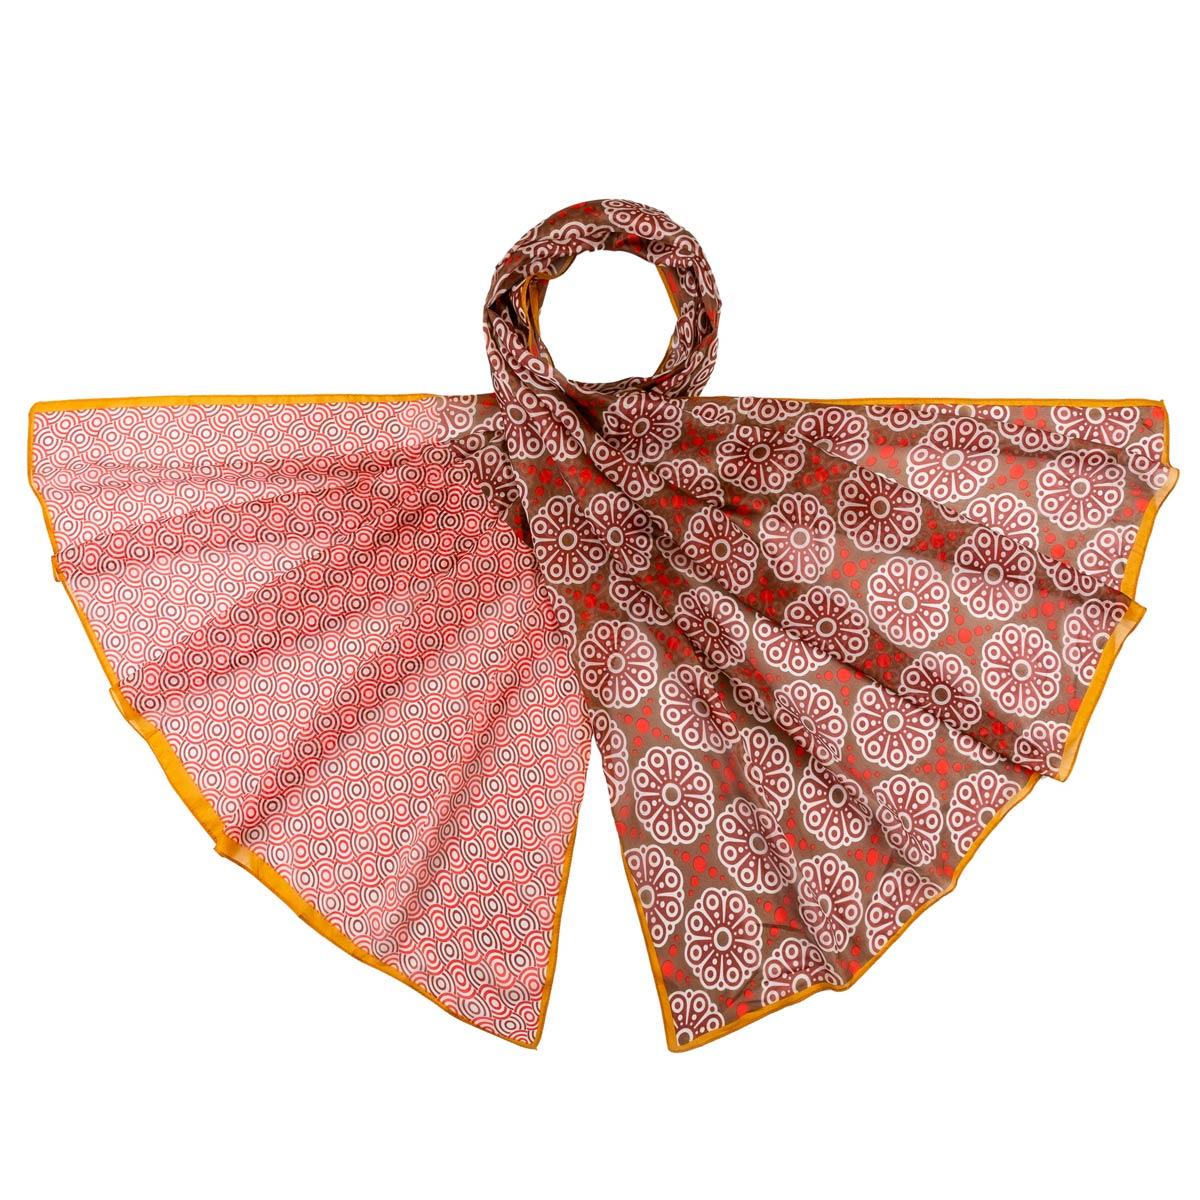 AT-06355-F12-etole-soie-legere-fleurs-naives-rouge